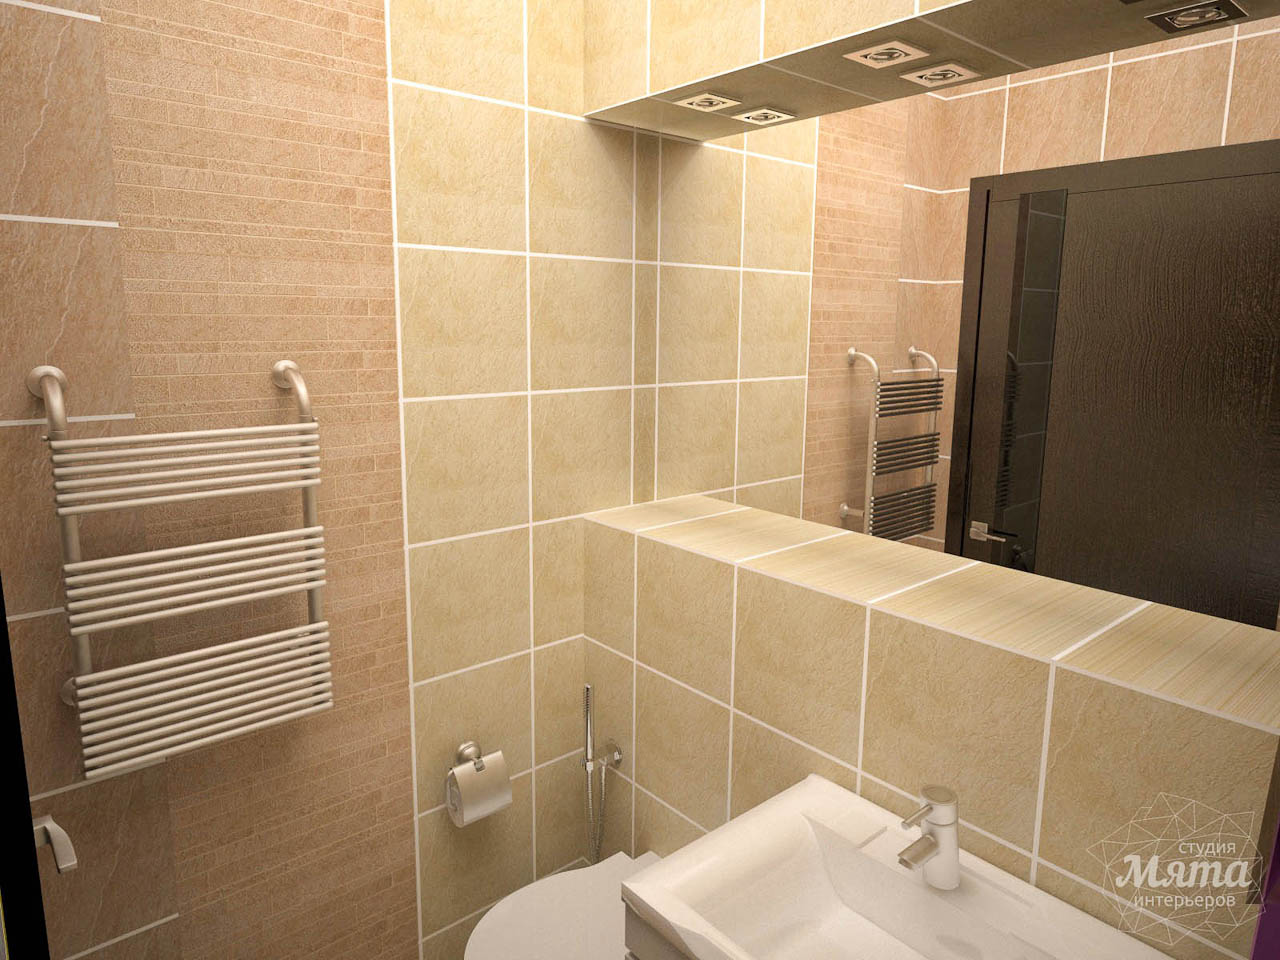 Дизайн интерьера трехкомнатной квартиры по ул. Белинского 222 img2004767118